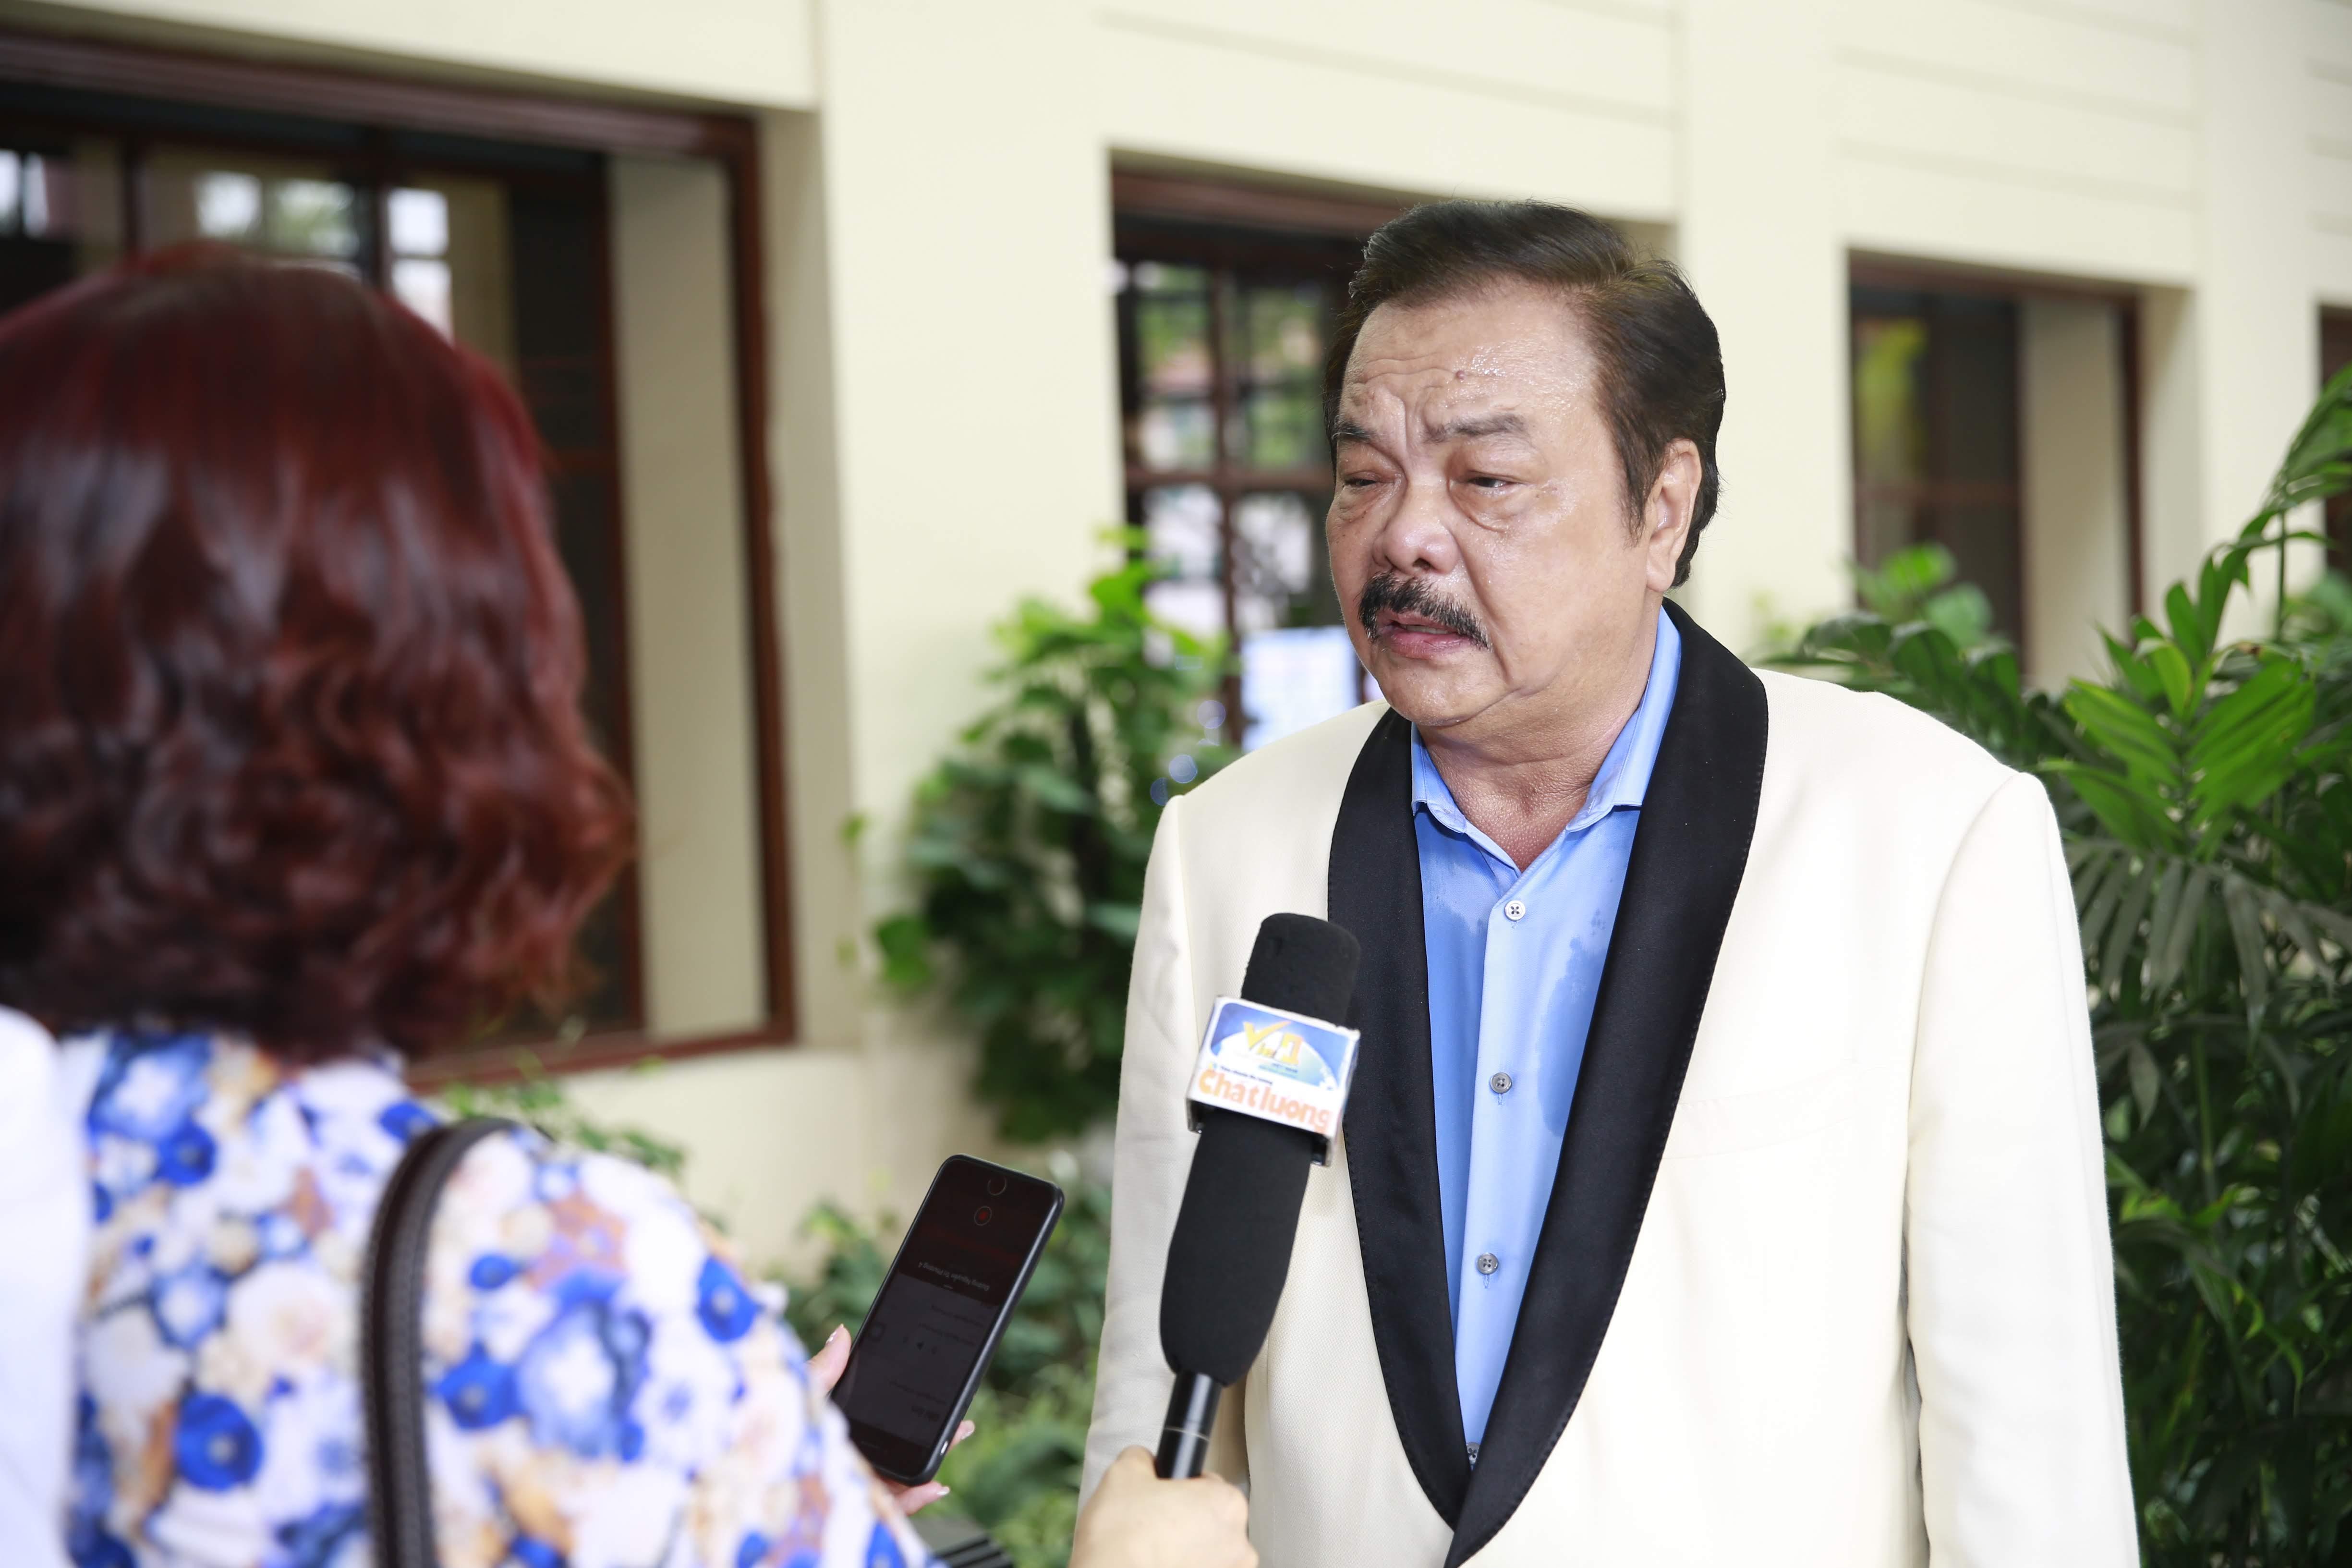 """CEO Trần Quí Thanh: """"Giải Vàng Chất lượng quốc gia khẳng định doanh nghiệp sản xuất, kinh doanh sản phẩm, dịch vụ đẳng cấp thế giới""""  - Ảnh 2"""